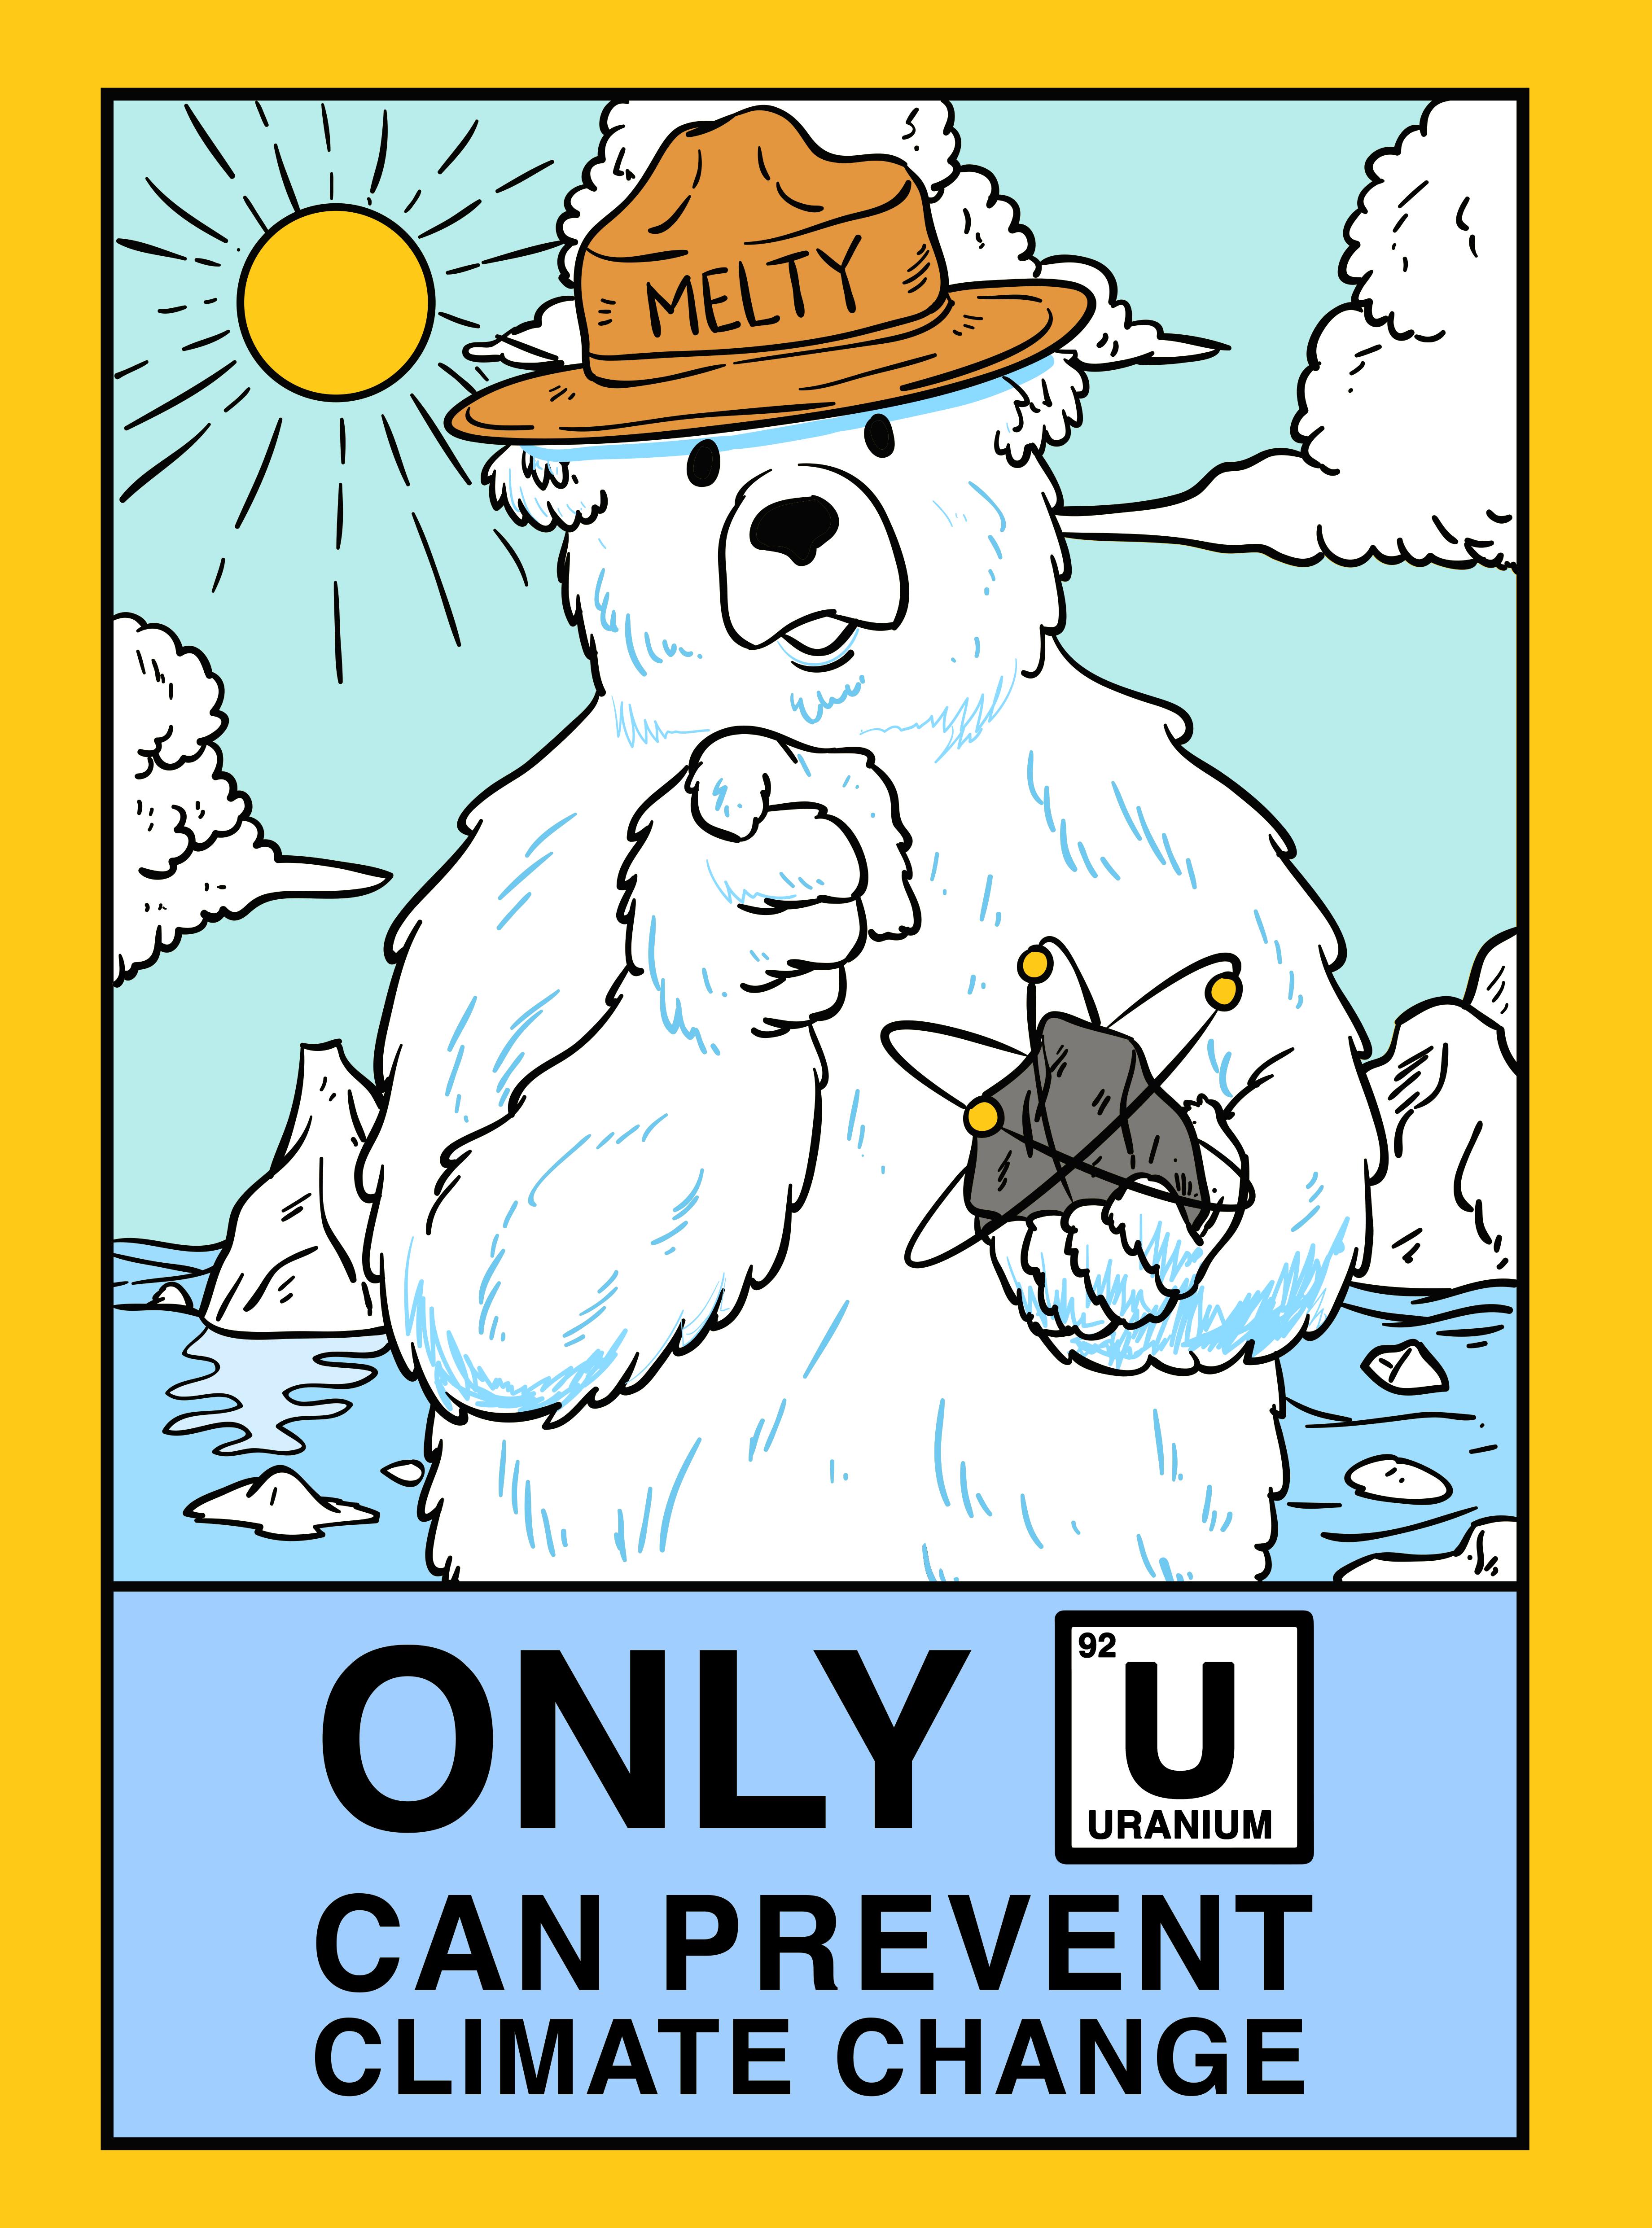 melty the bear